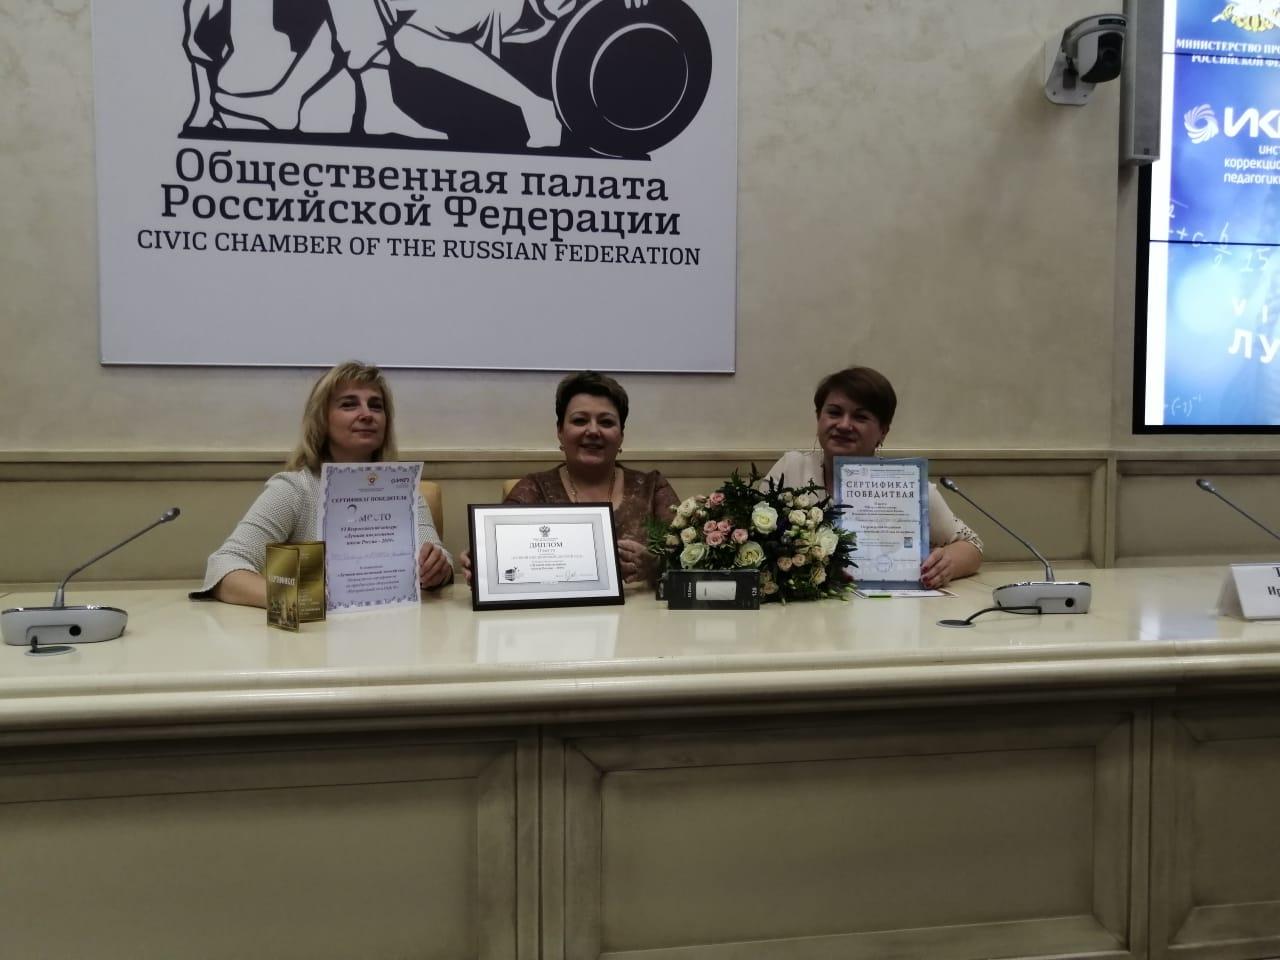 Детский сад из Ярославской области вошел в тройку лучших инклюзивных детских садов России